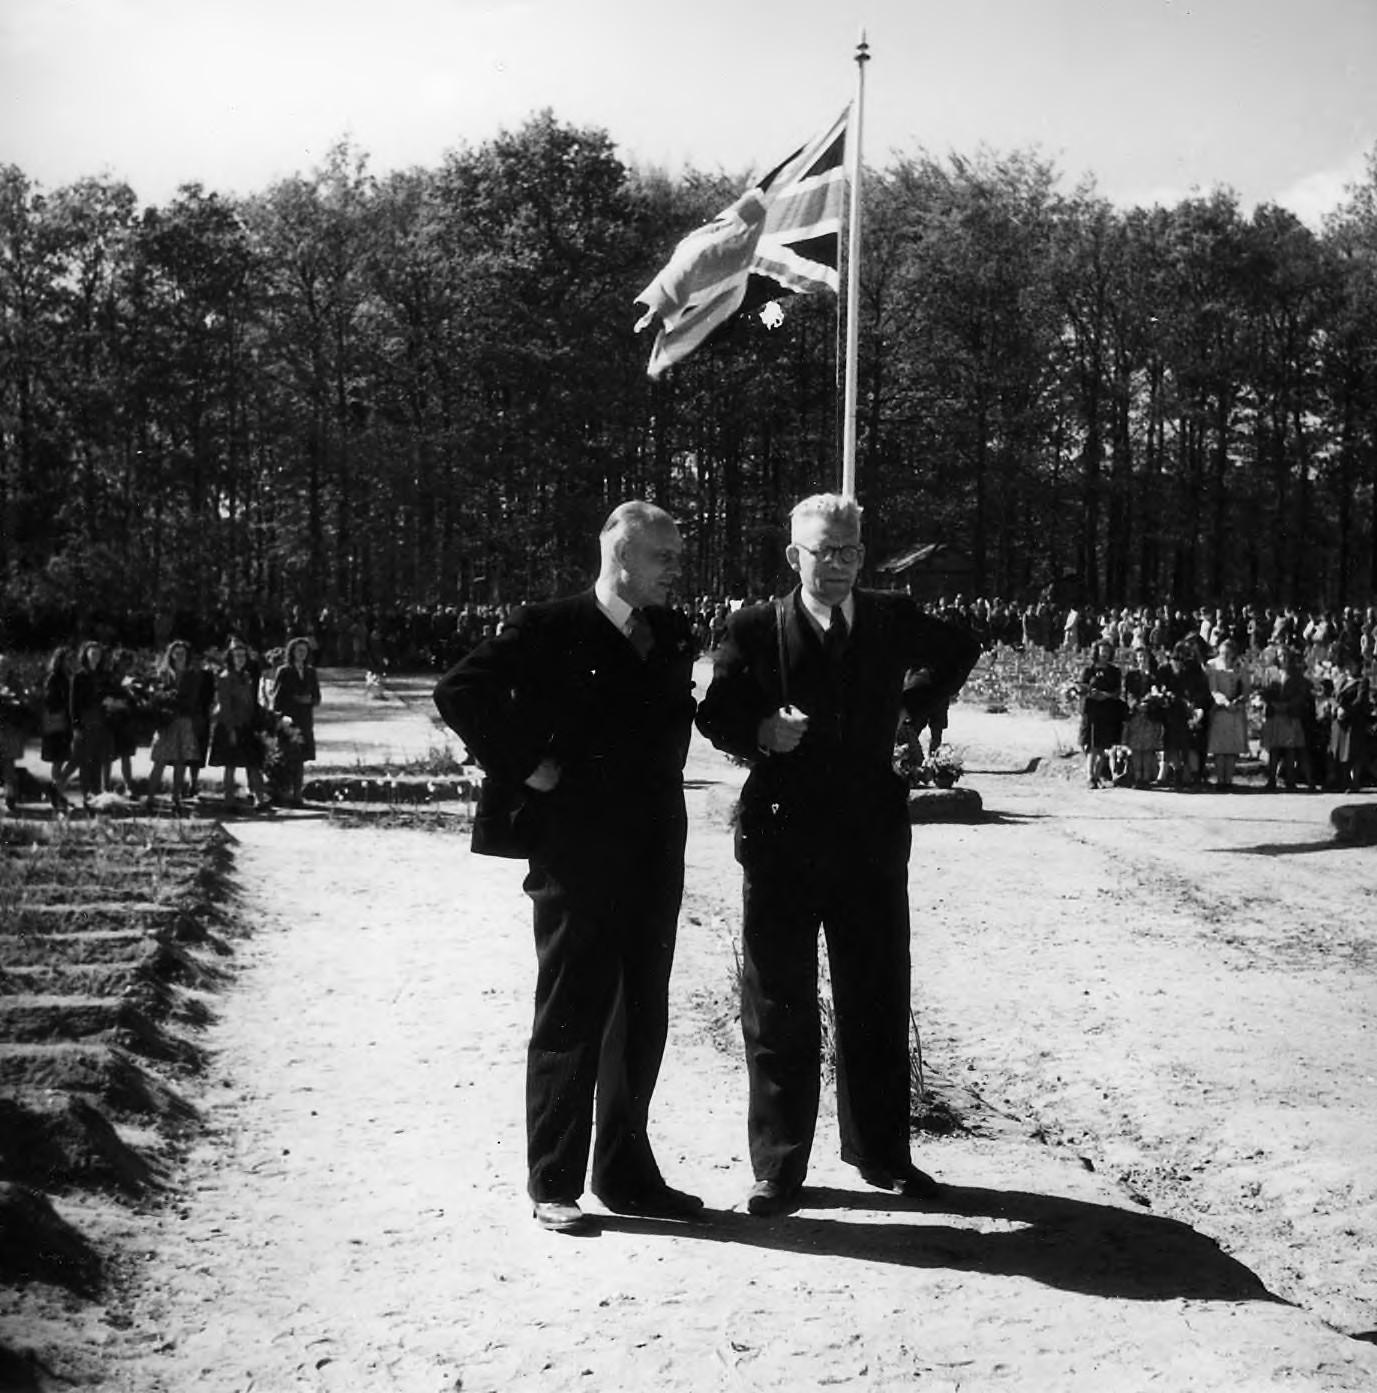 Airborneherdenking op de militaire begraafplaats te Oosterbeek.